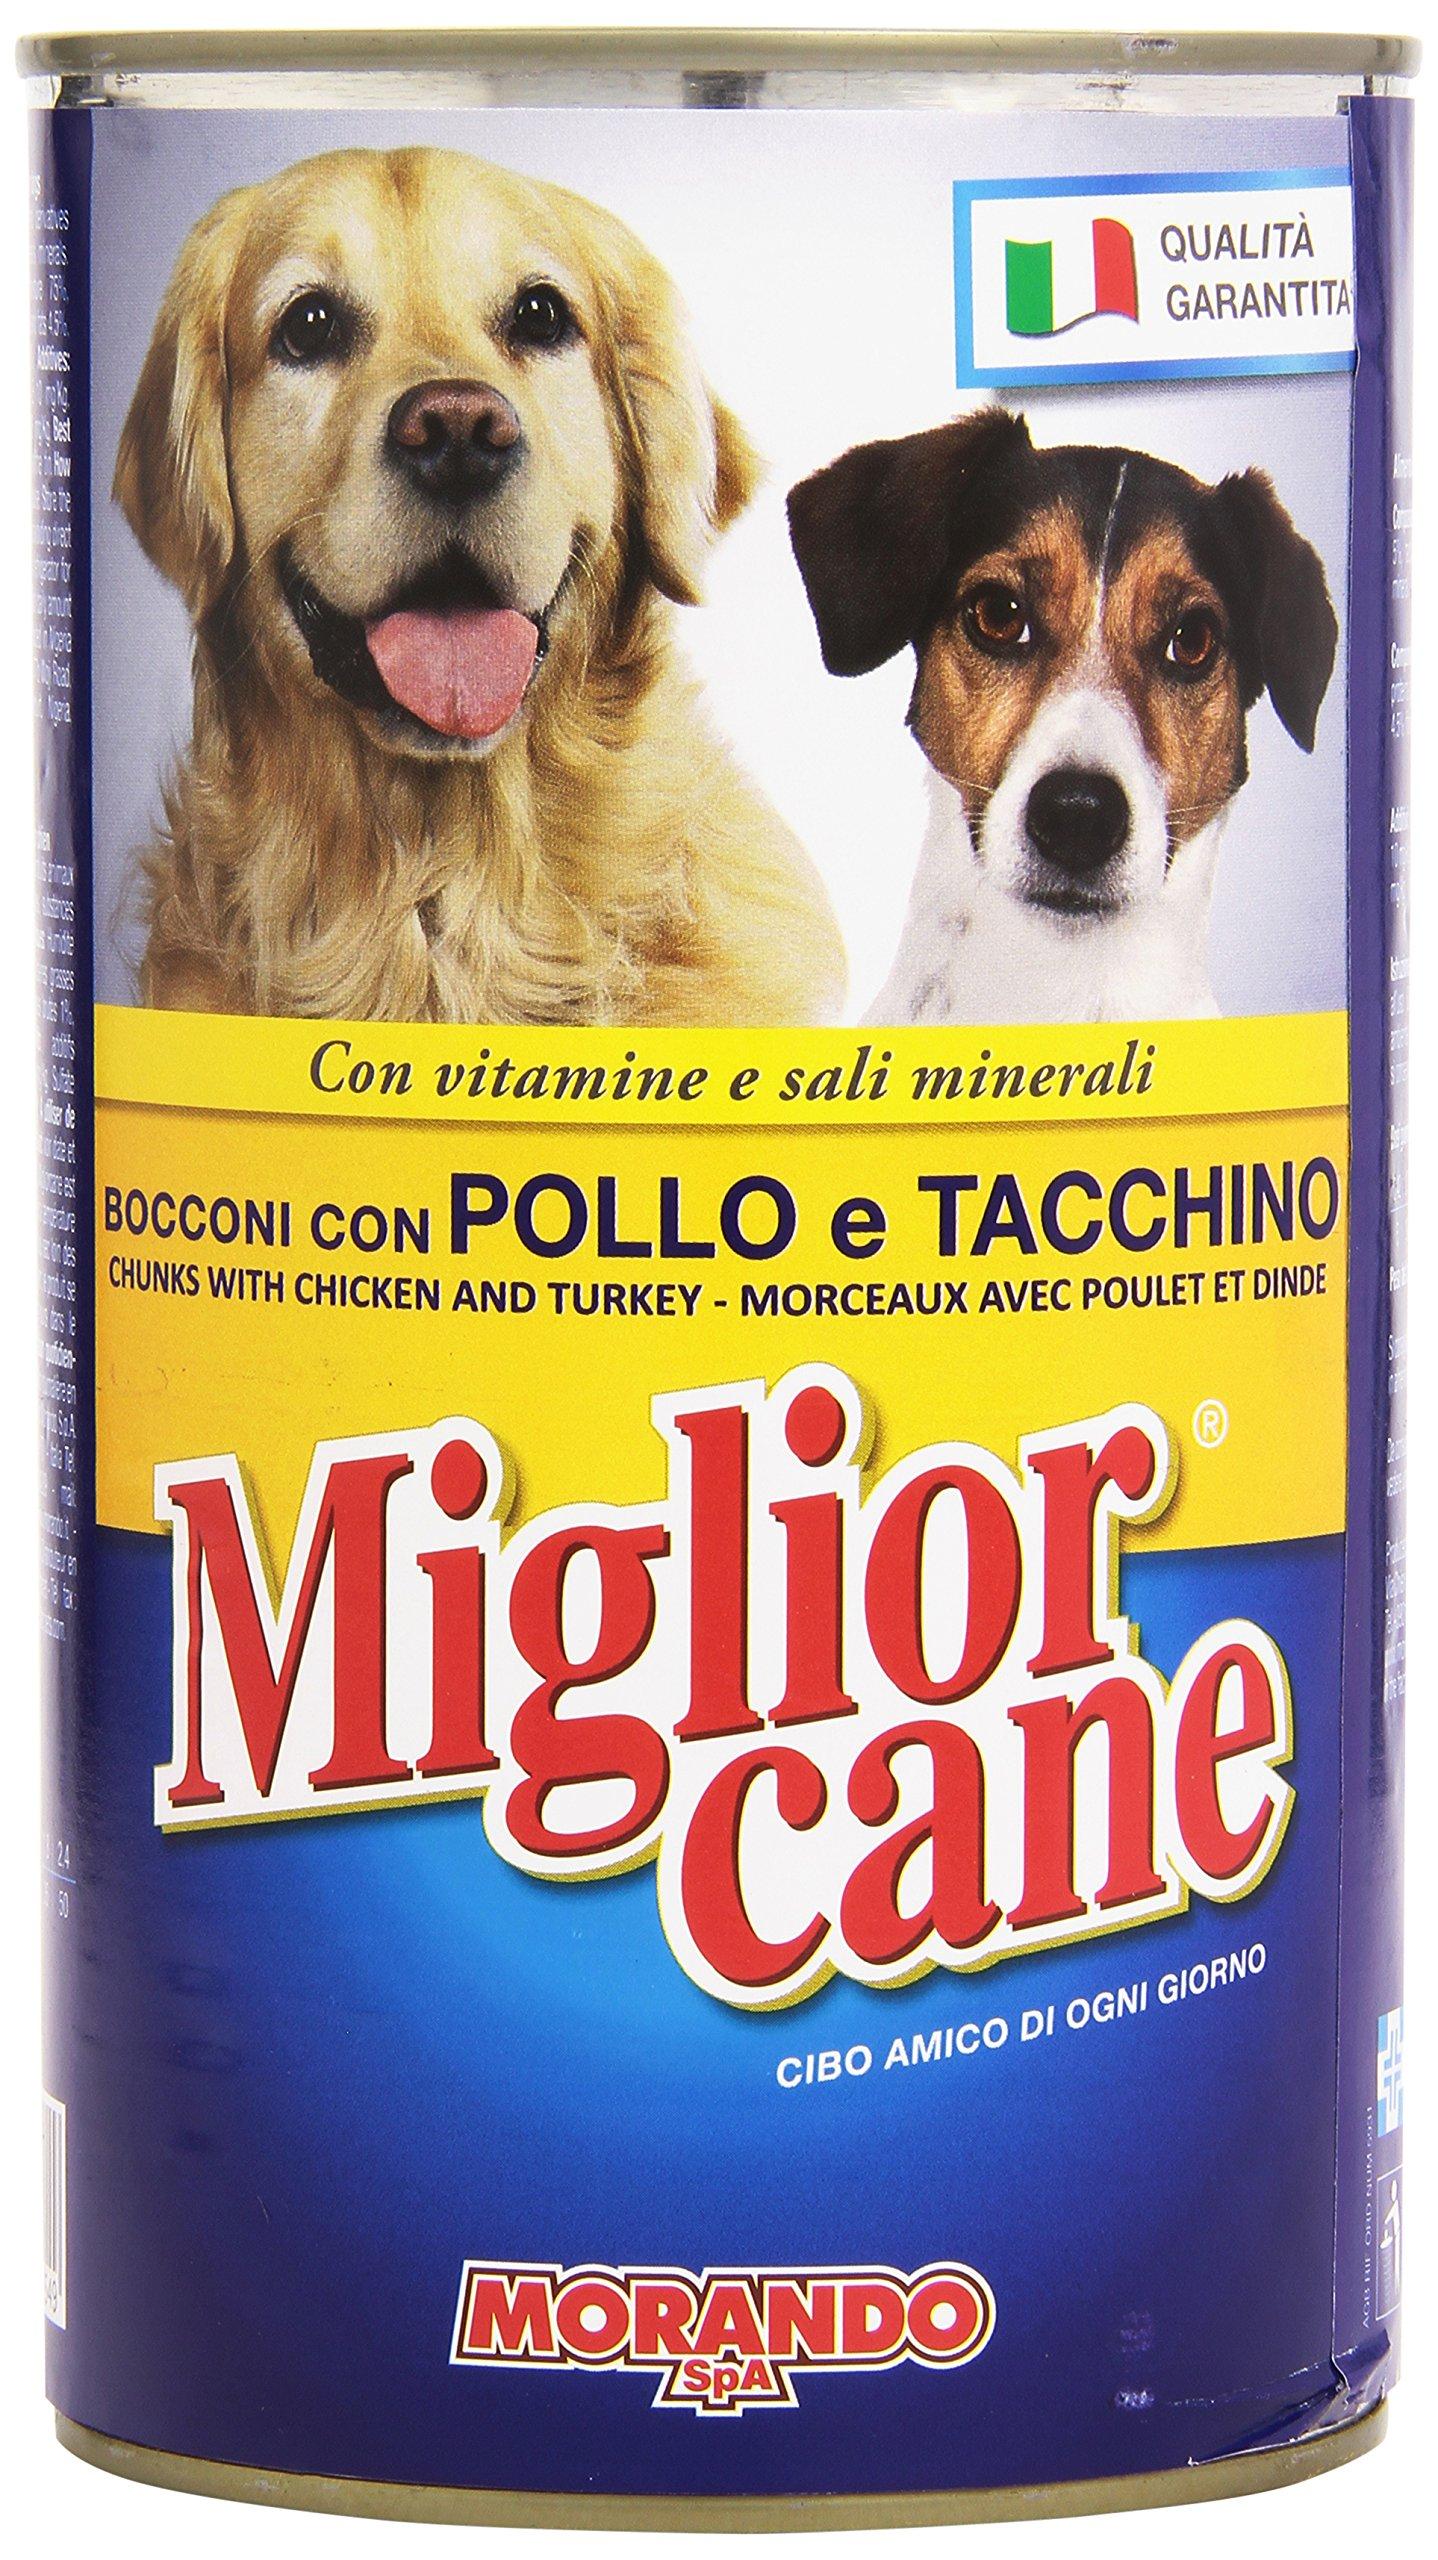 Migliorcane Alimento Completo per Cani, Bocconi con Pollo e Tacchino – 1250 gr